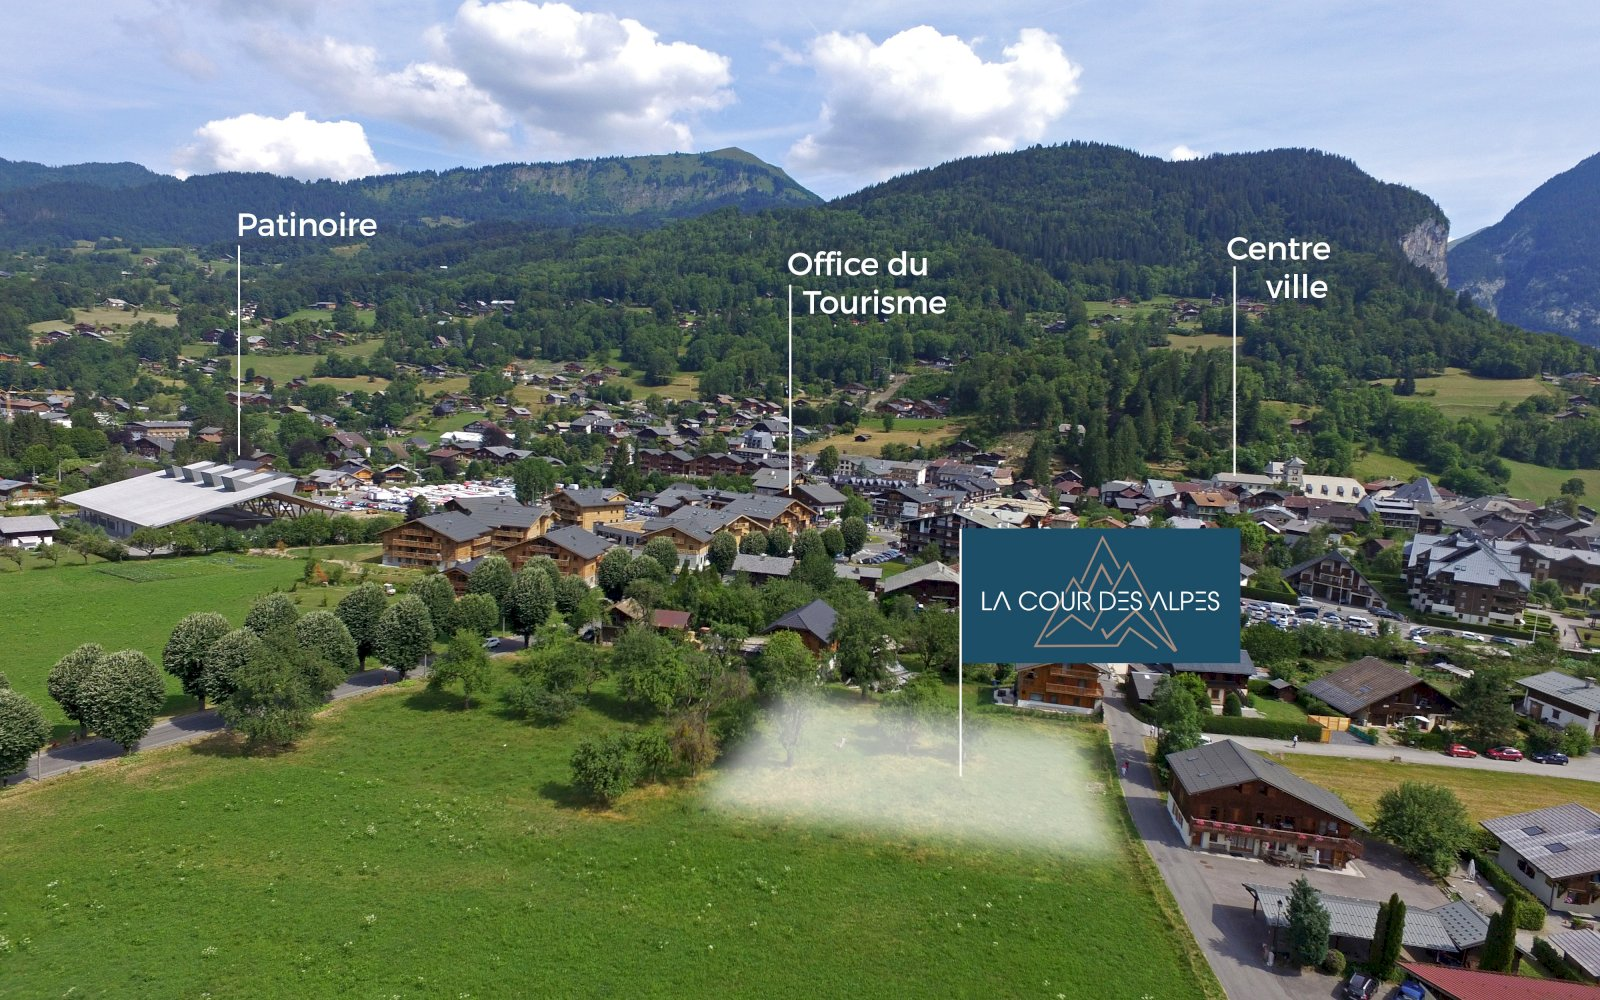 Emplacement des chalets La Cour des Alpes